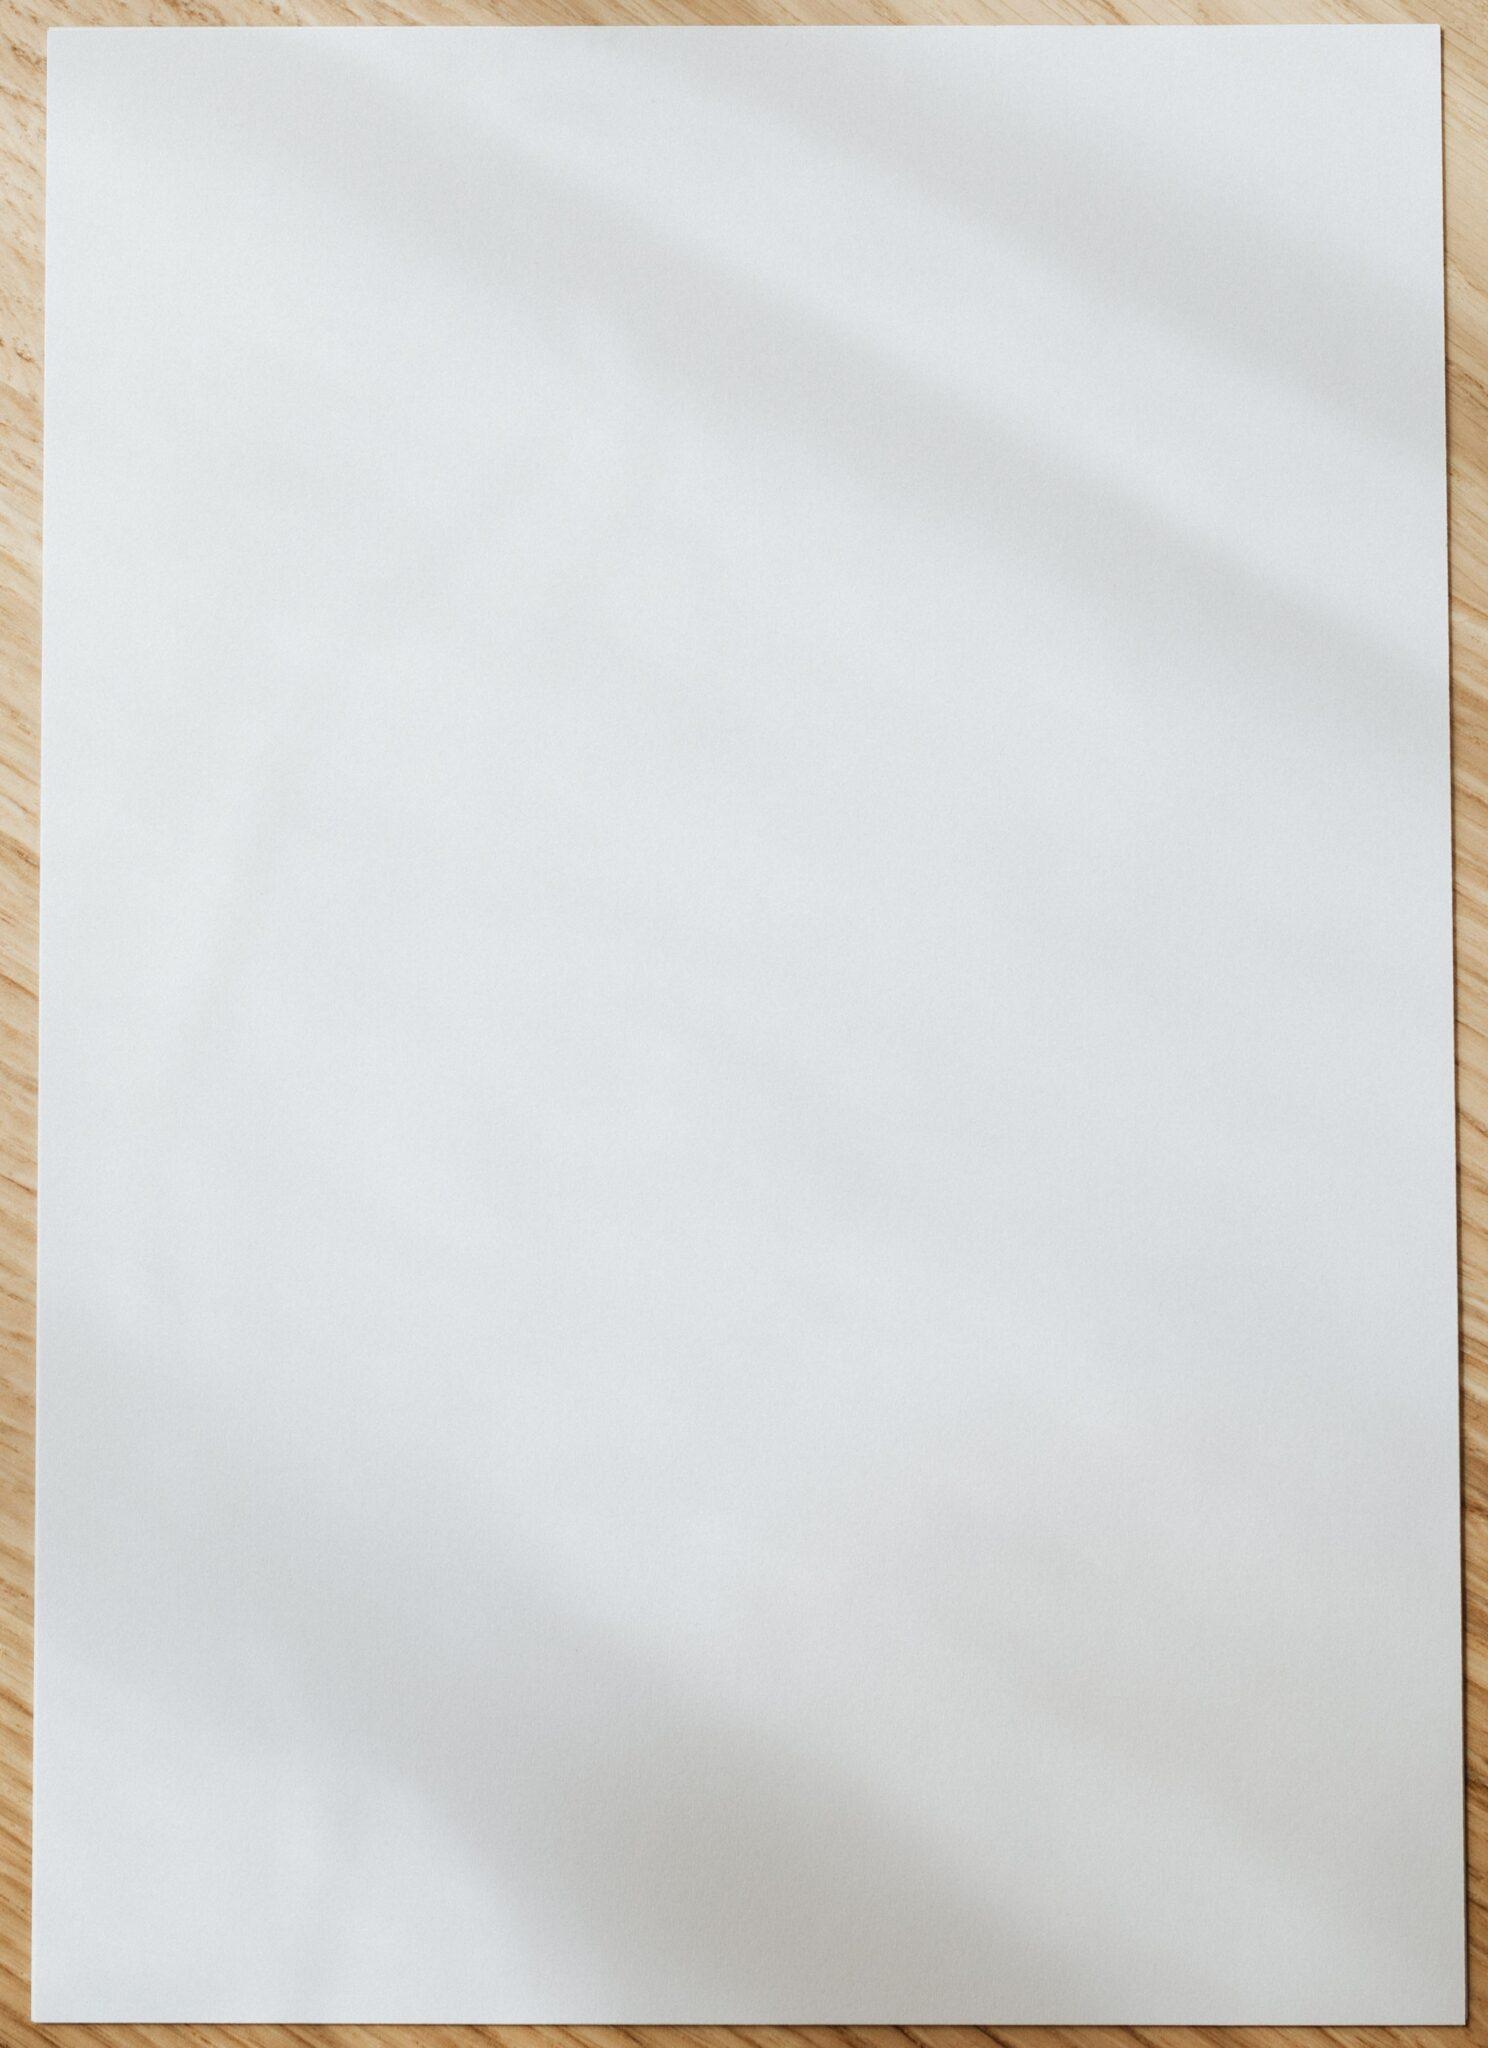 papier A4